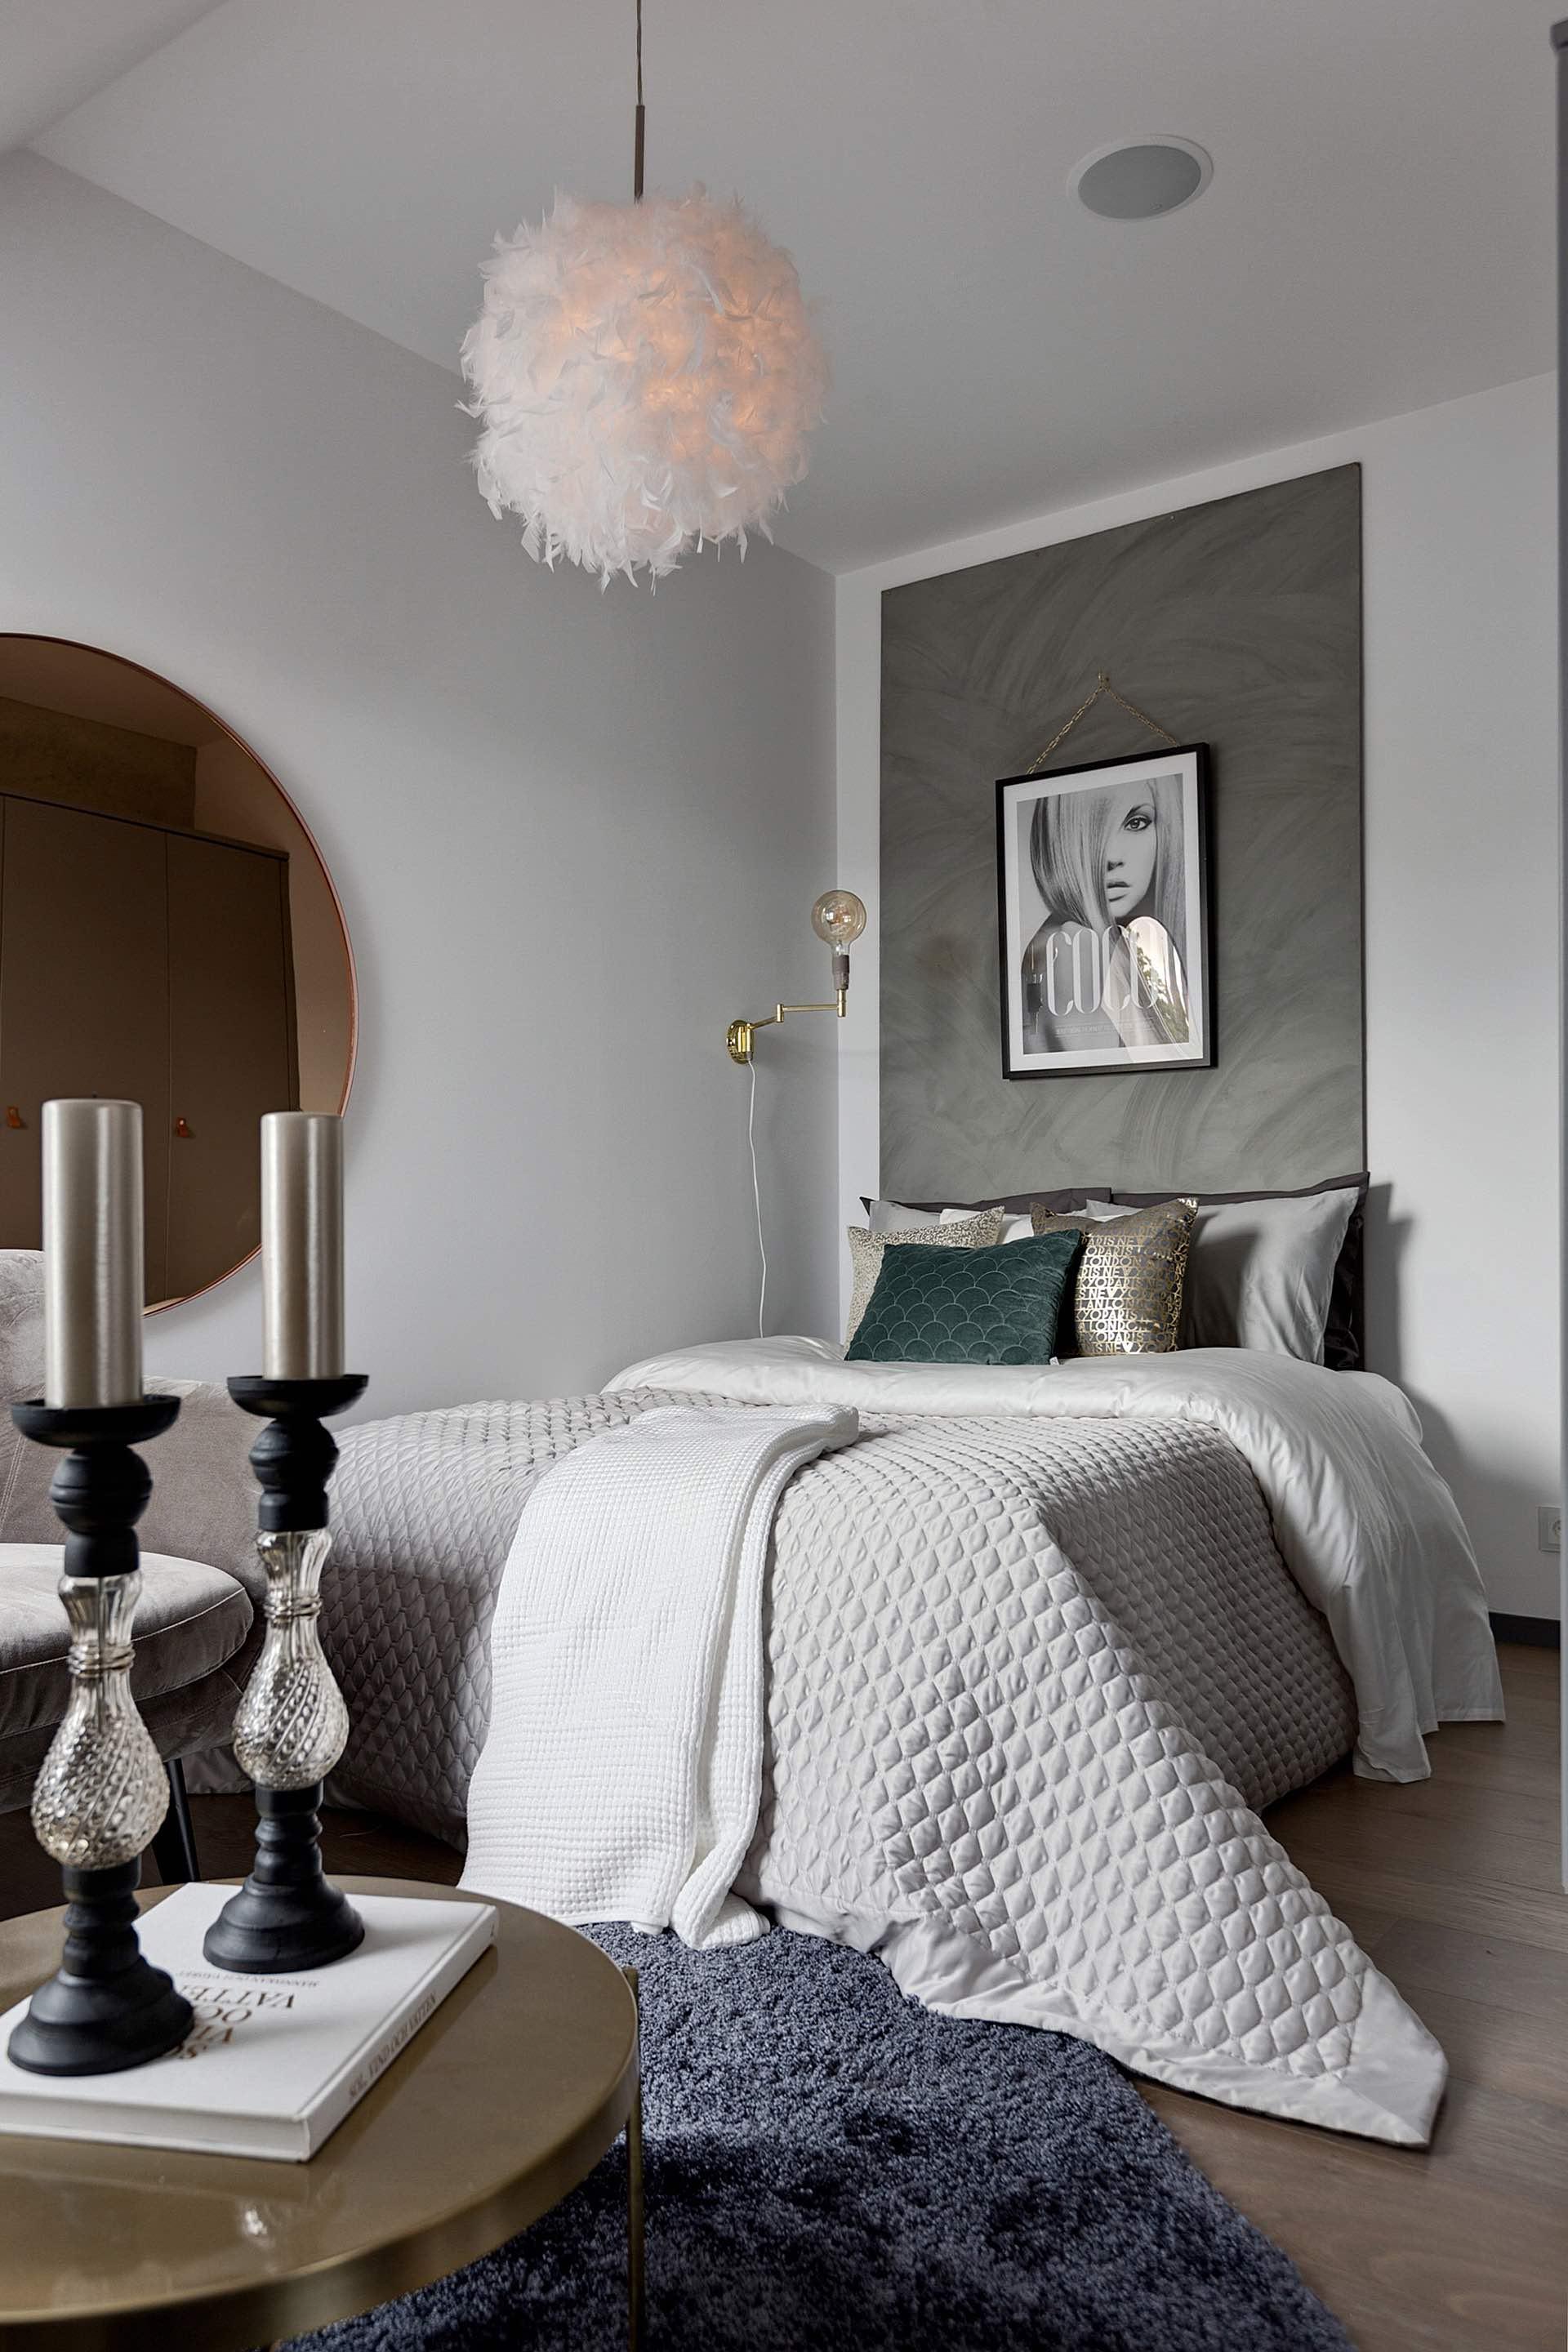 квартира студия спальня кровать подушки текстиль круглое зеркало